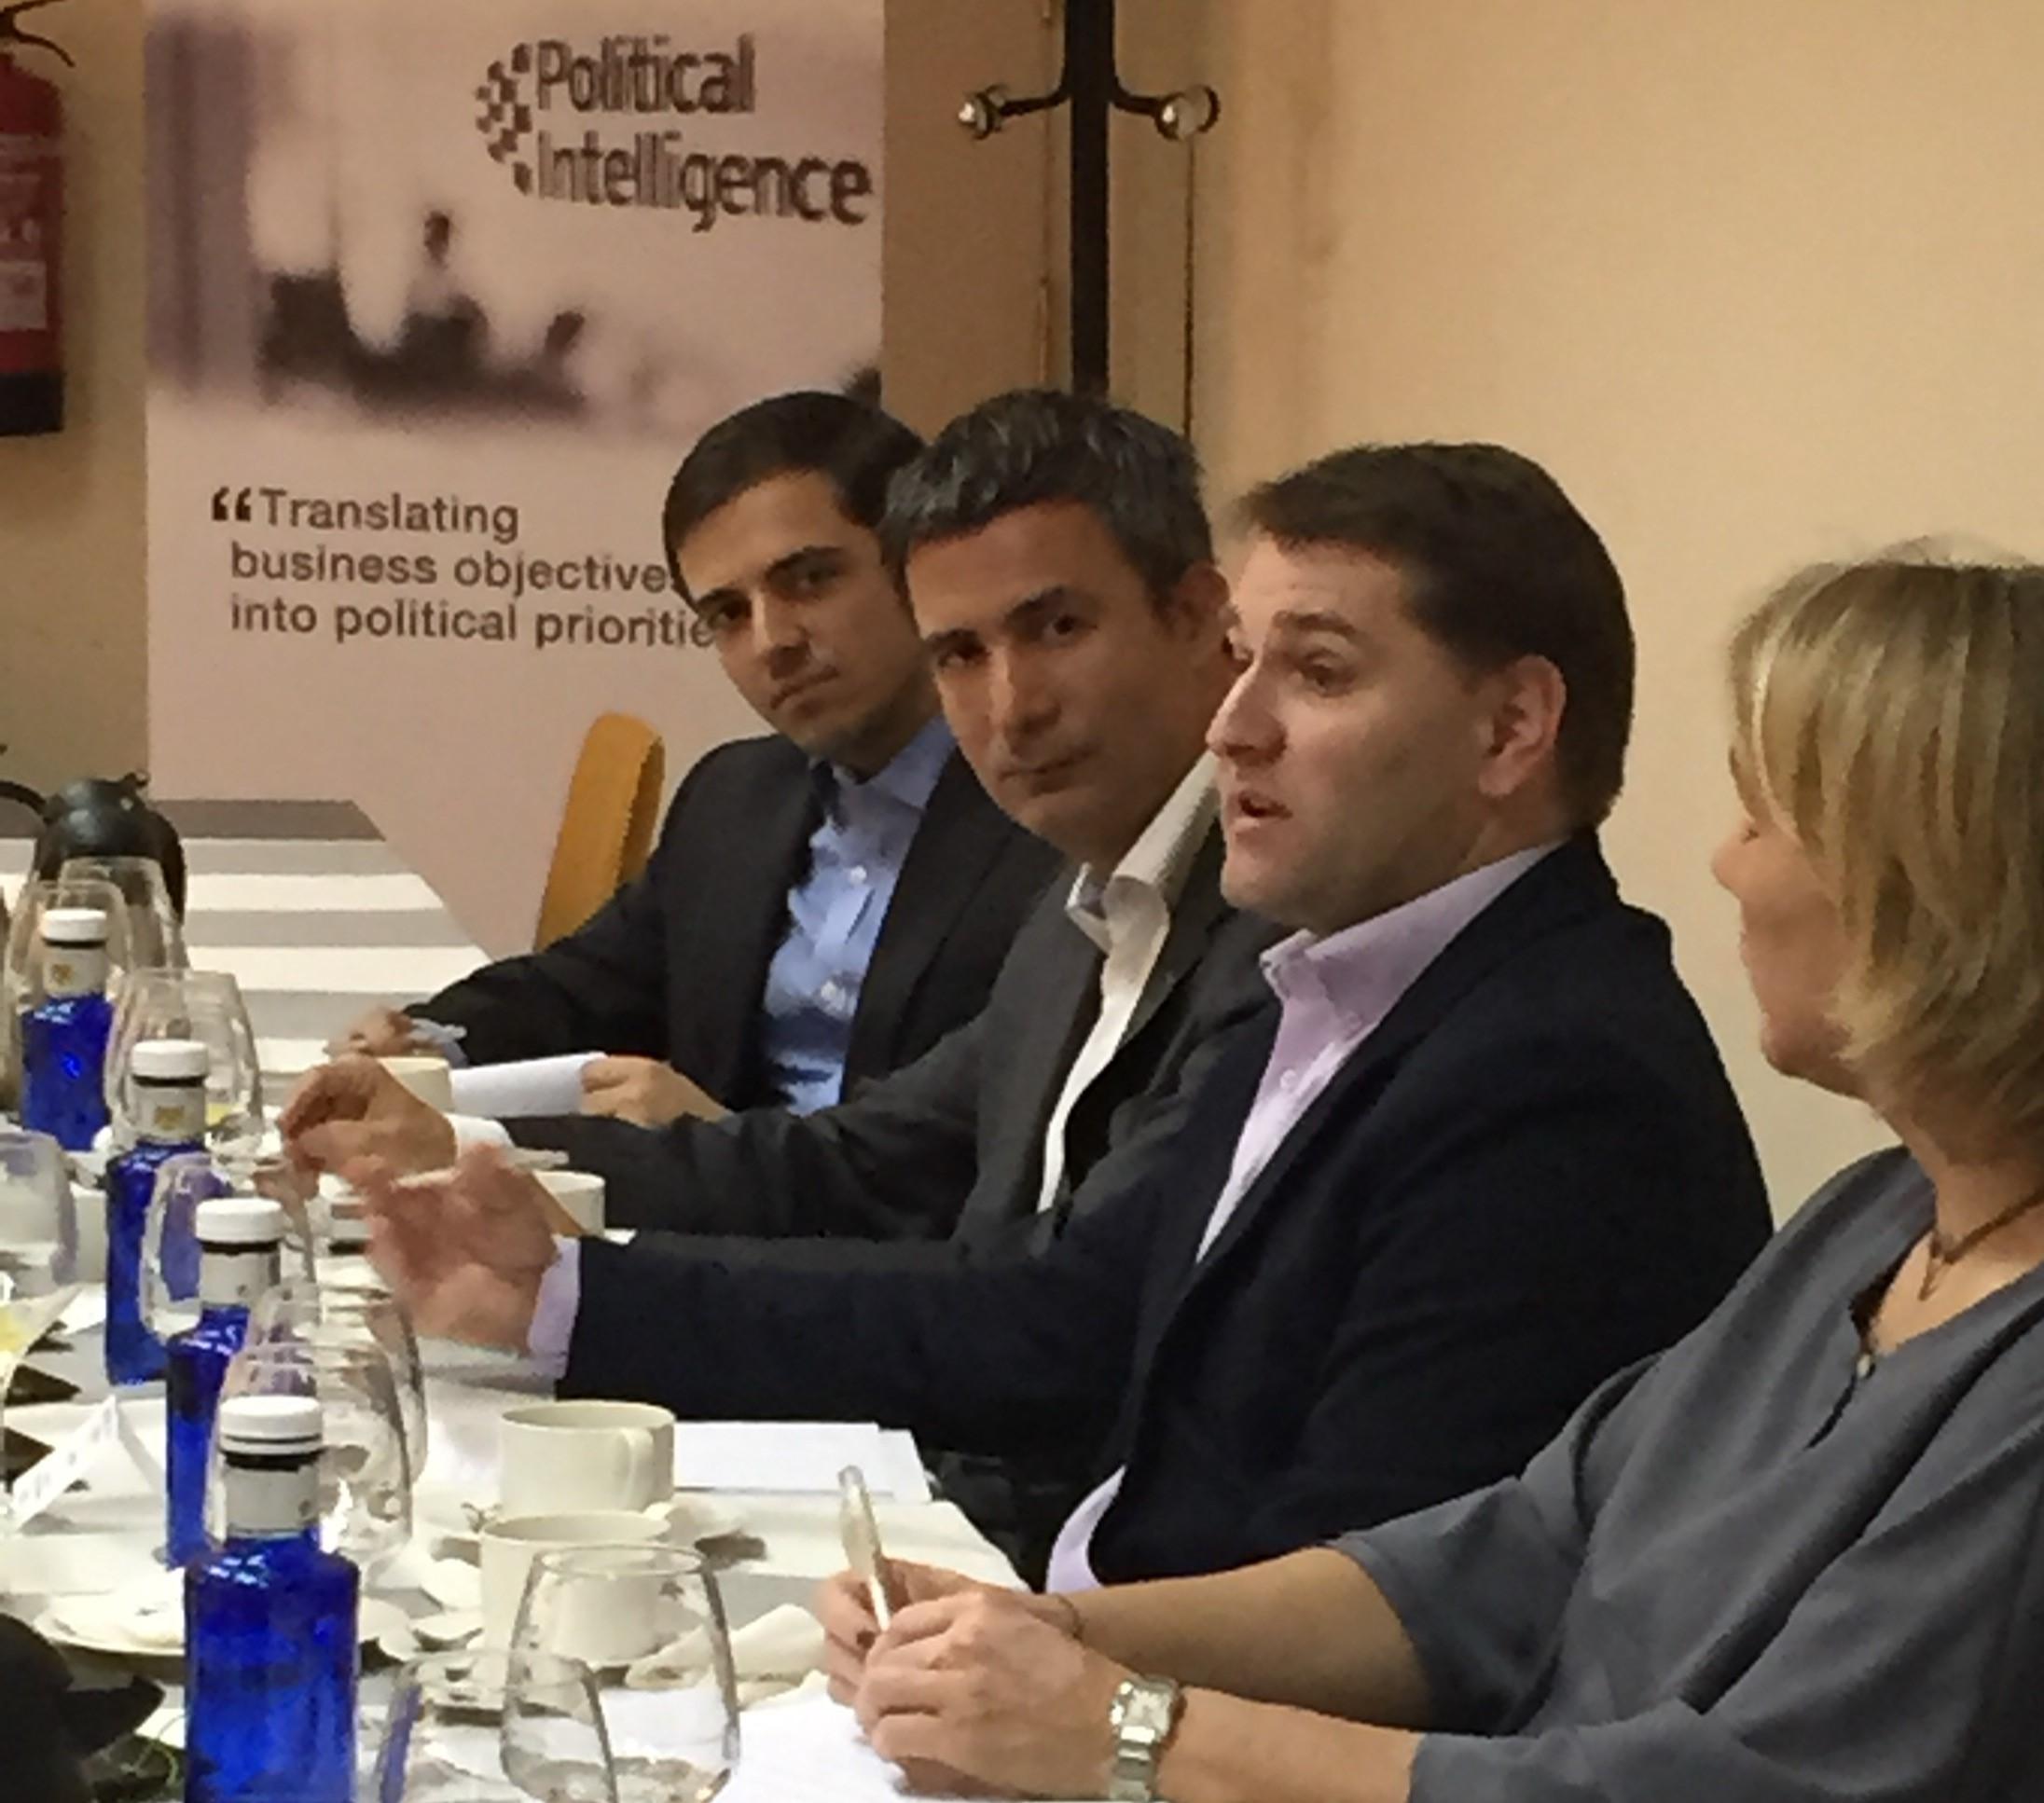 Political Intelligence reúne al Secretario de Economía del PSOE con empresarios  para abordar las políticas socialistas en materia empresarial y laboral